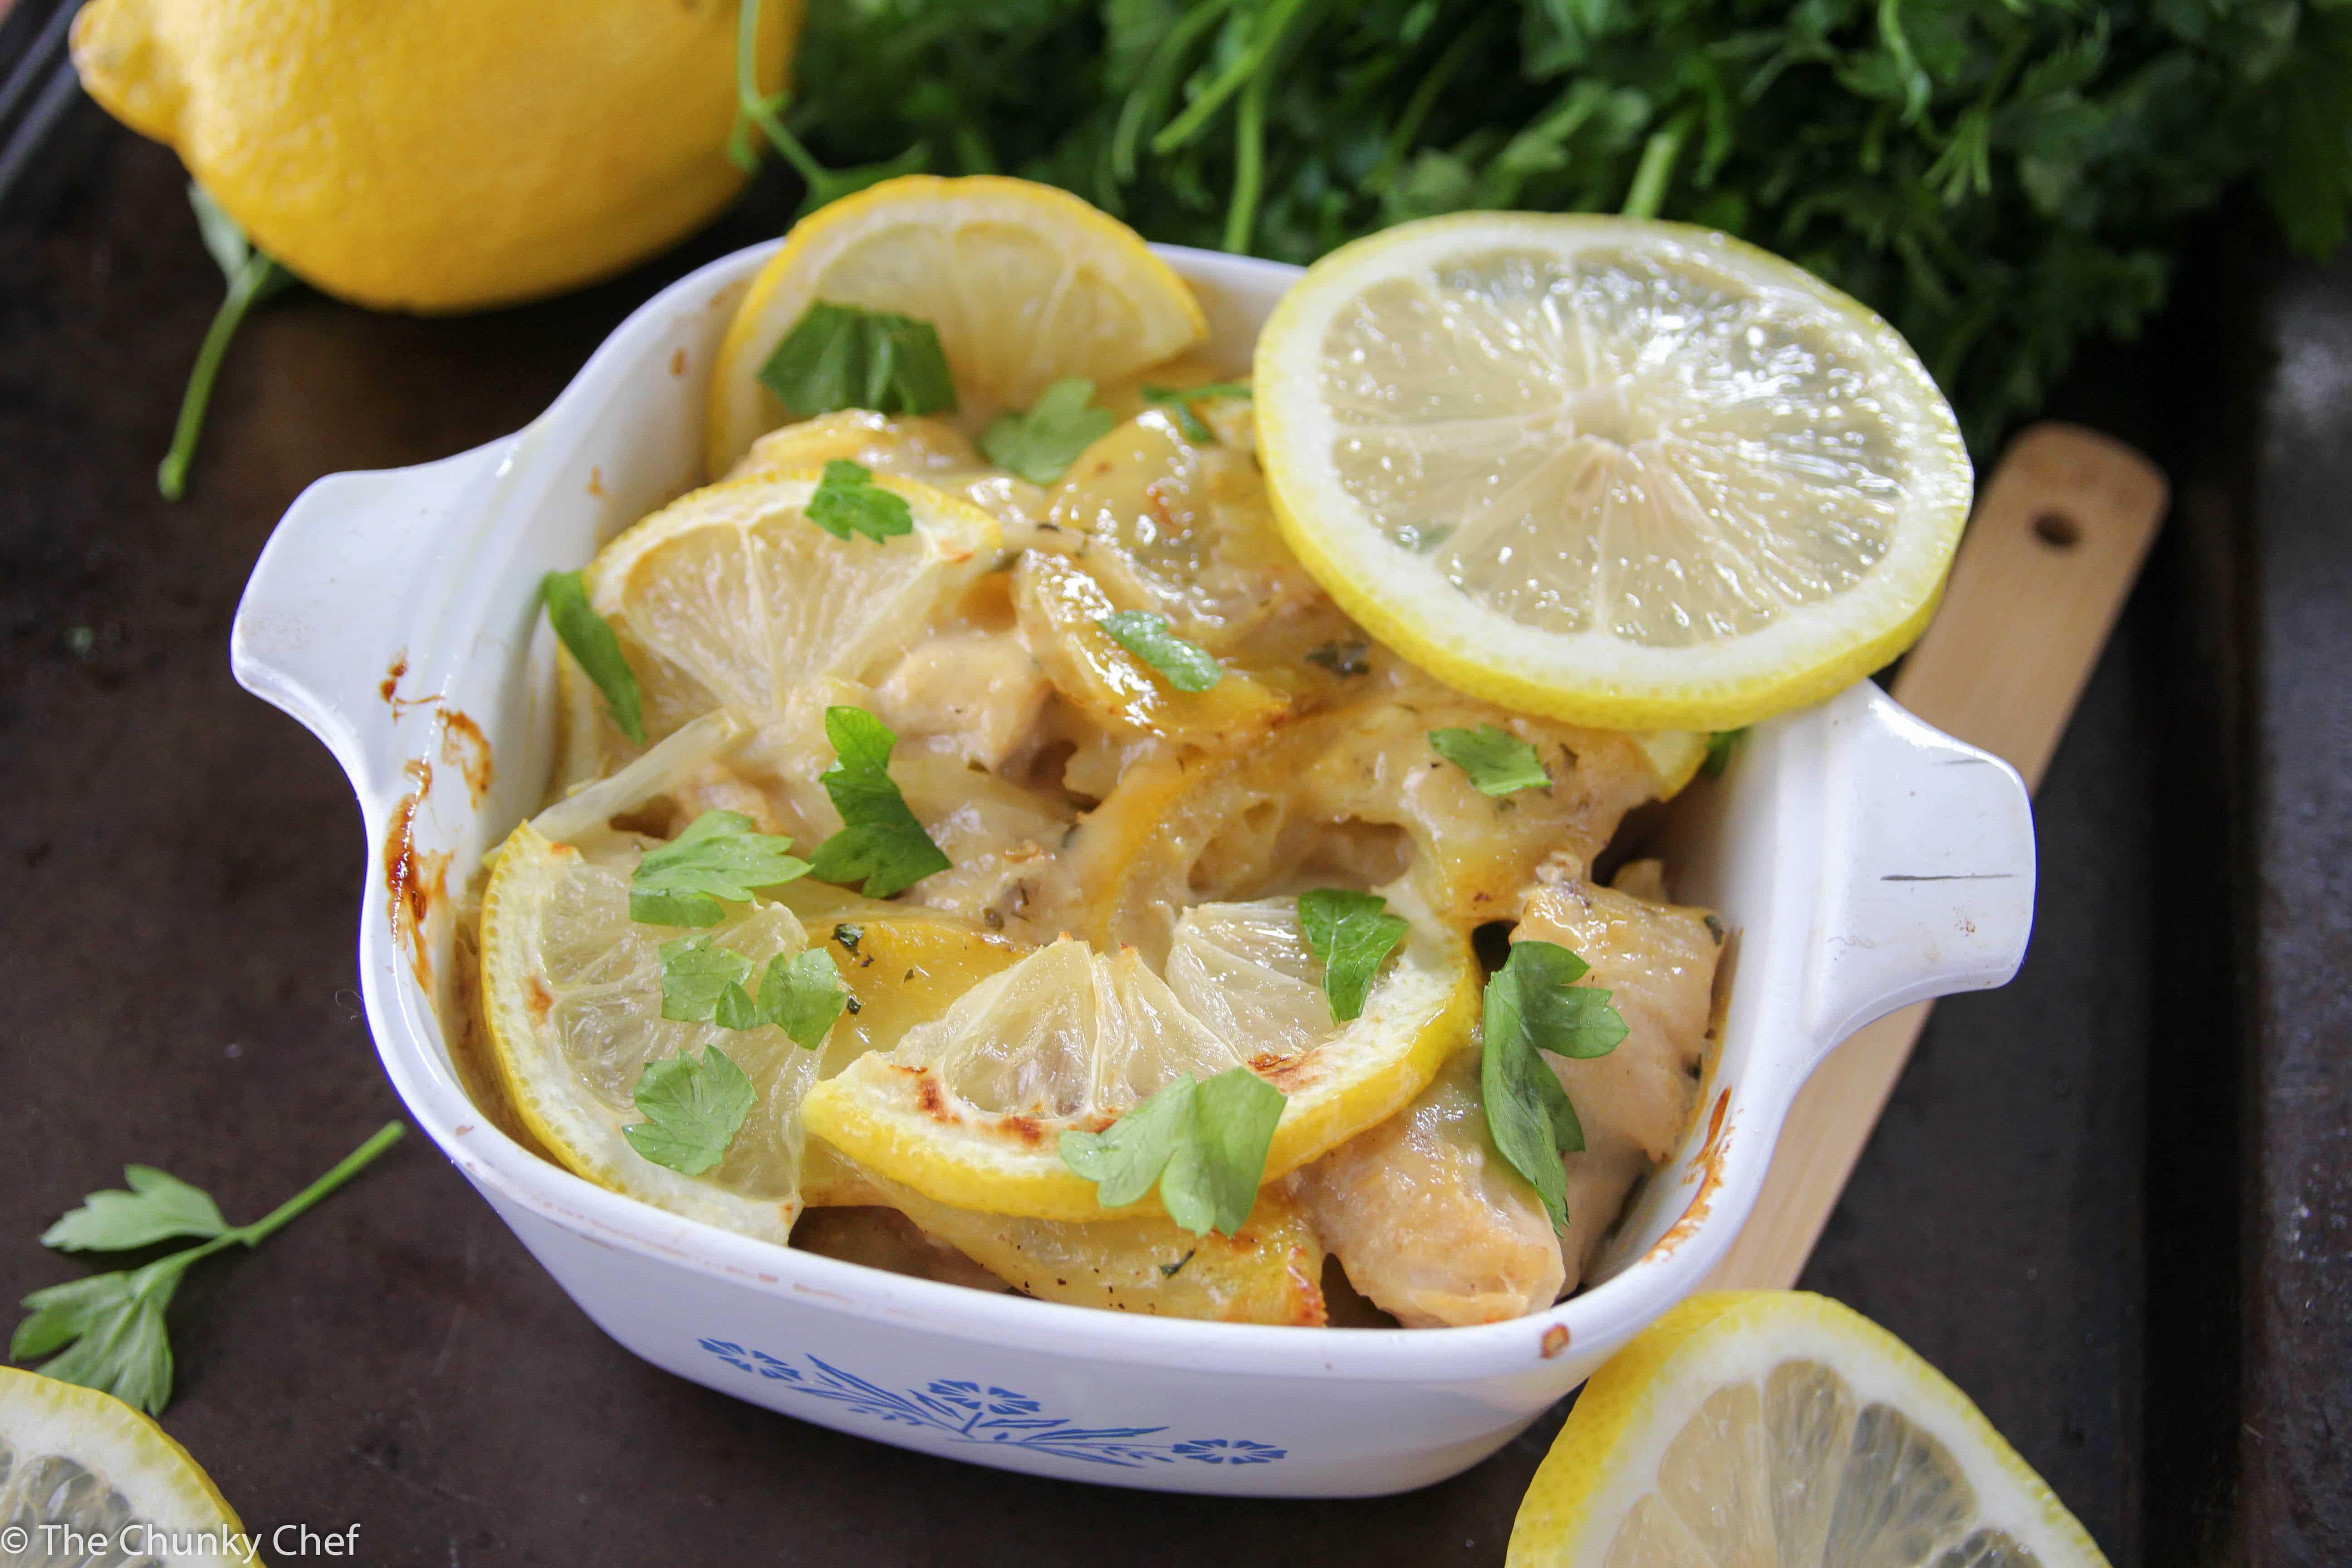 Lemon Chicken and Potato Bake - The Chunky Chef